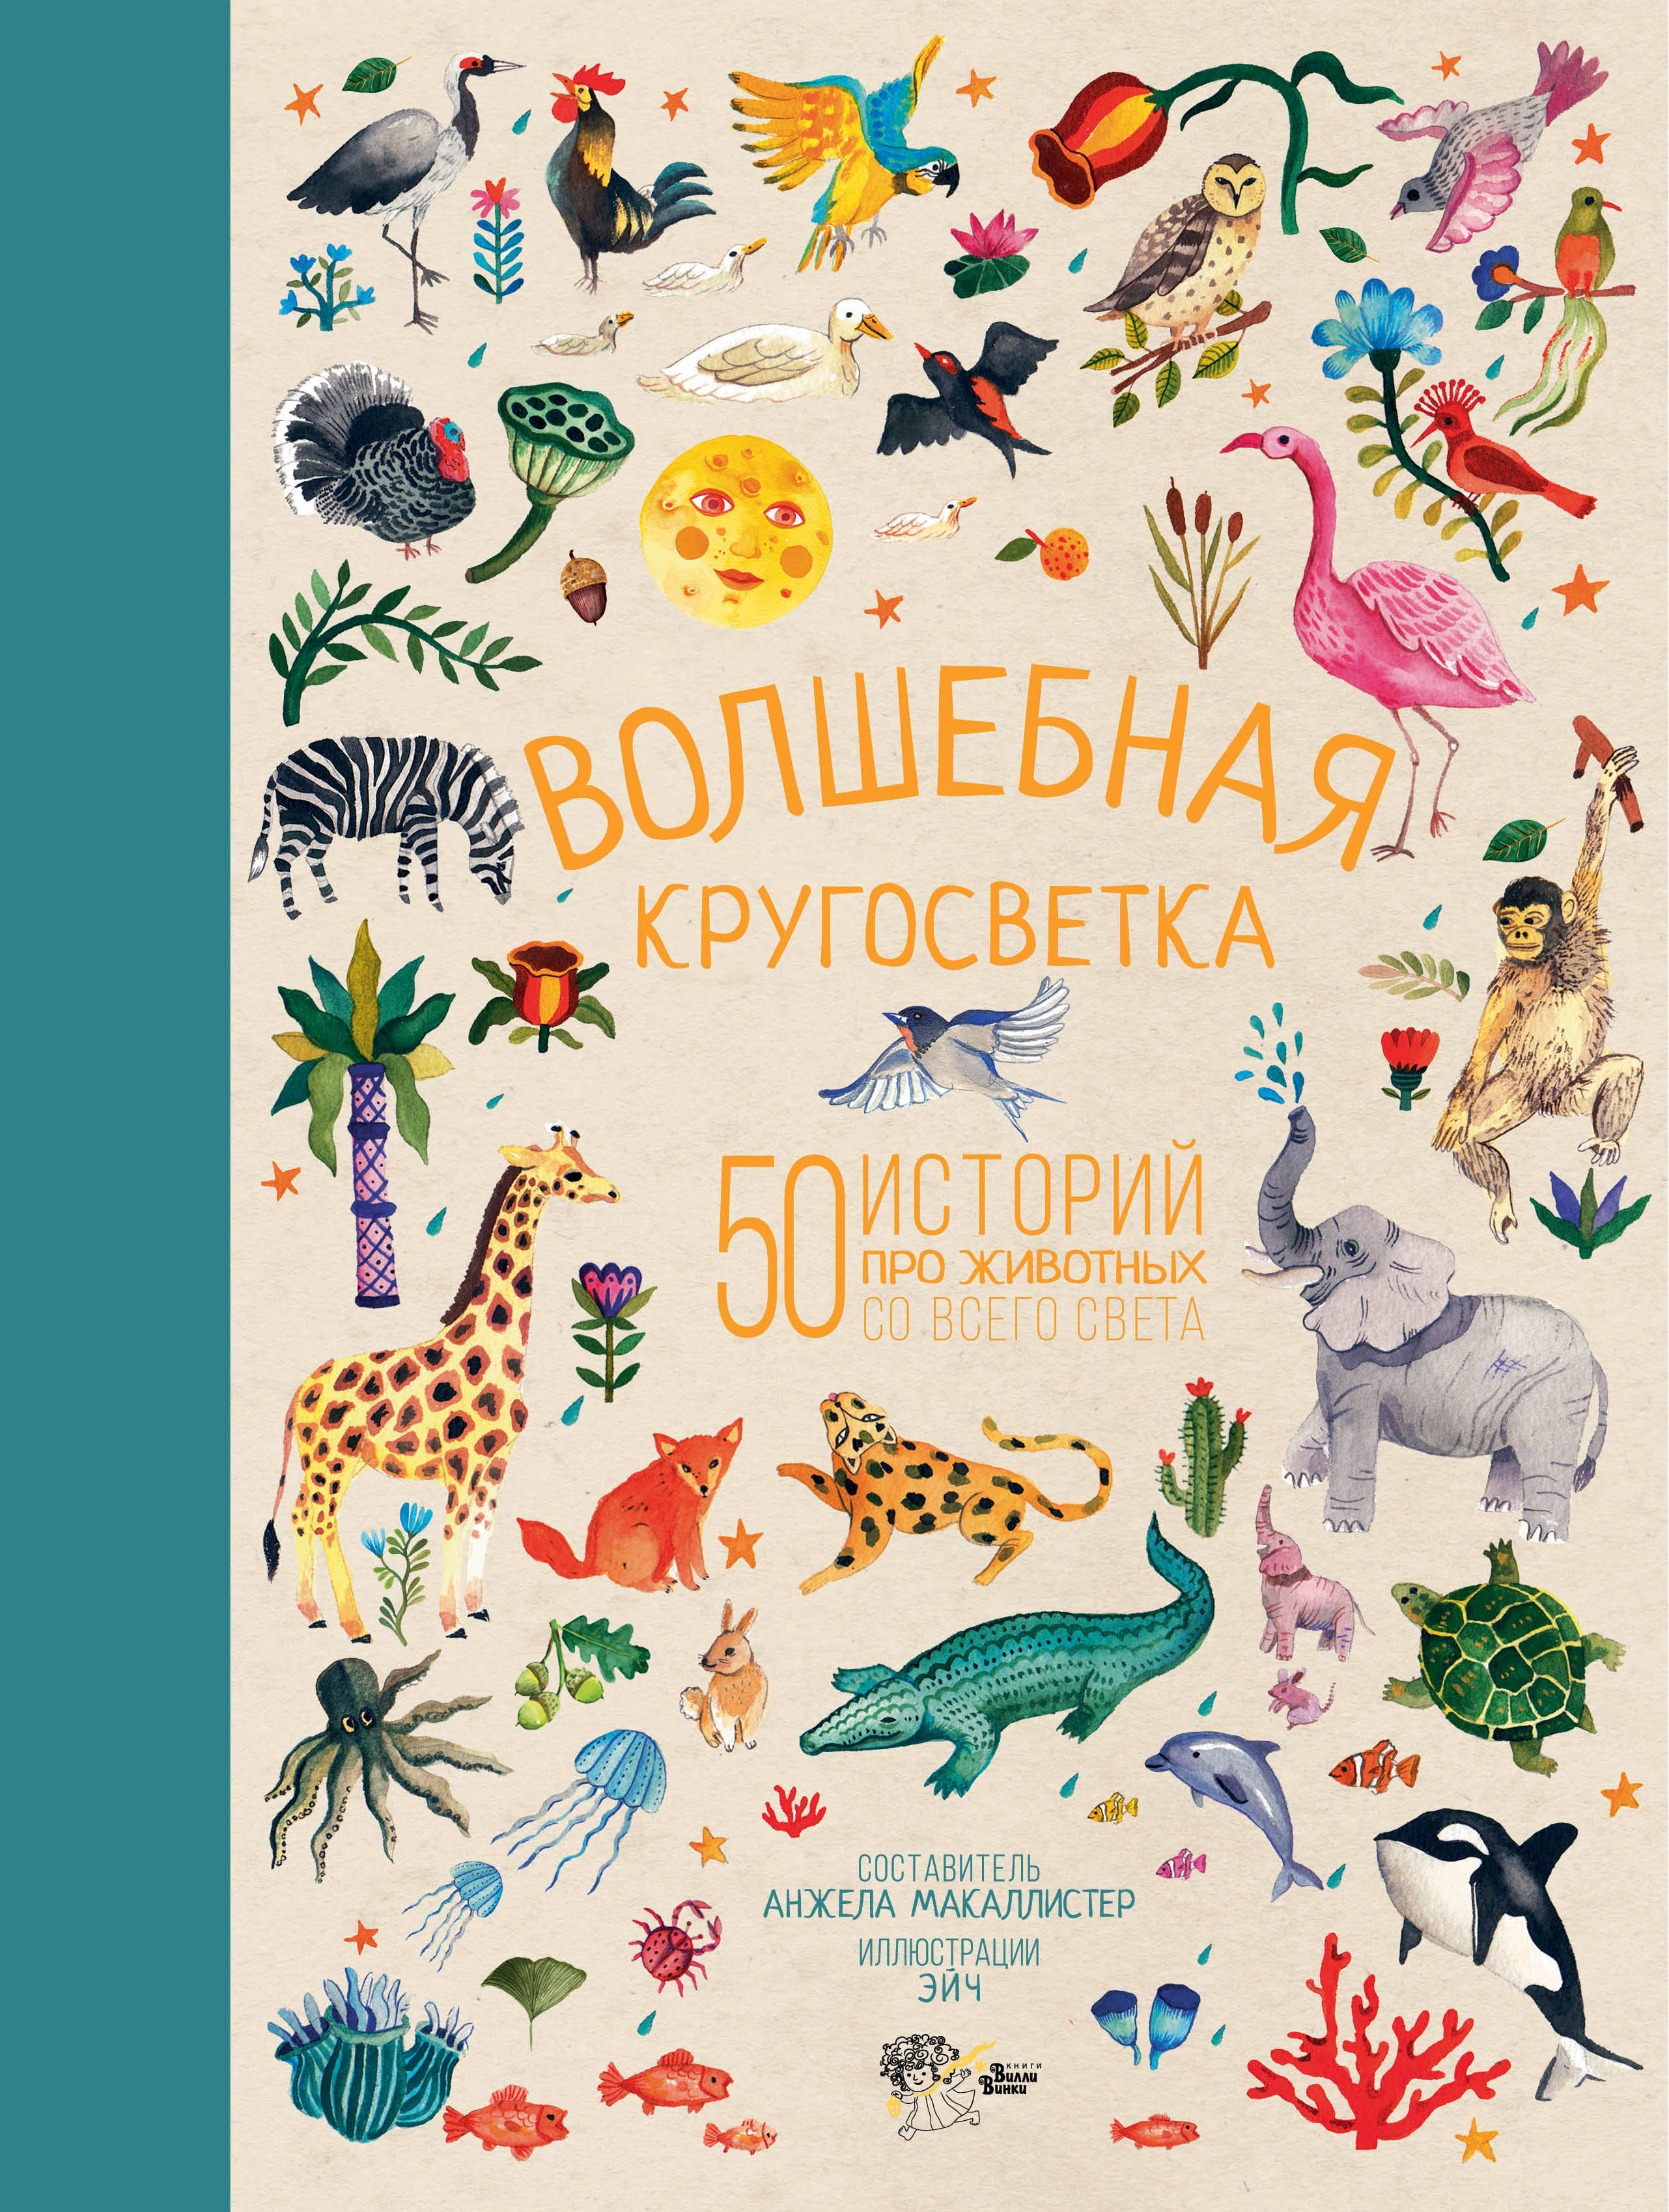 цена МакАллистер Анжела Волшебная кругосветка. 50 историй про животных со всего света онлайн в 2017 году